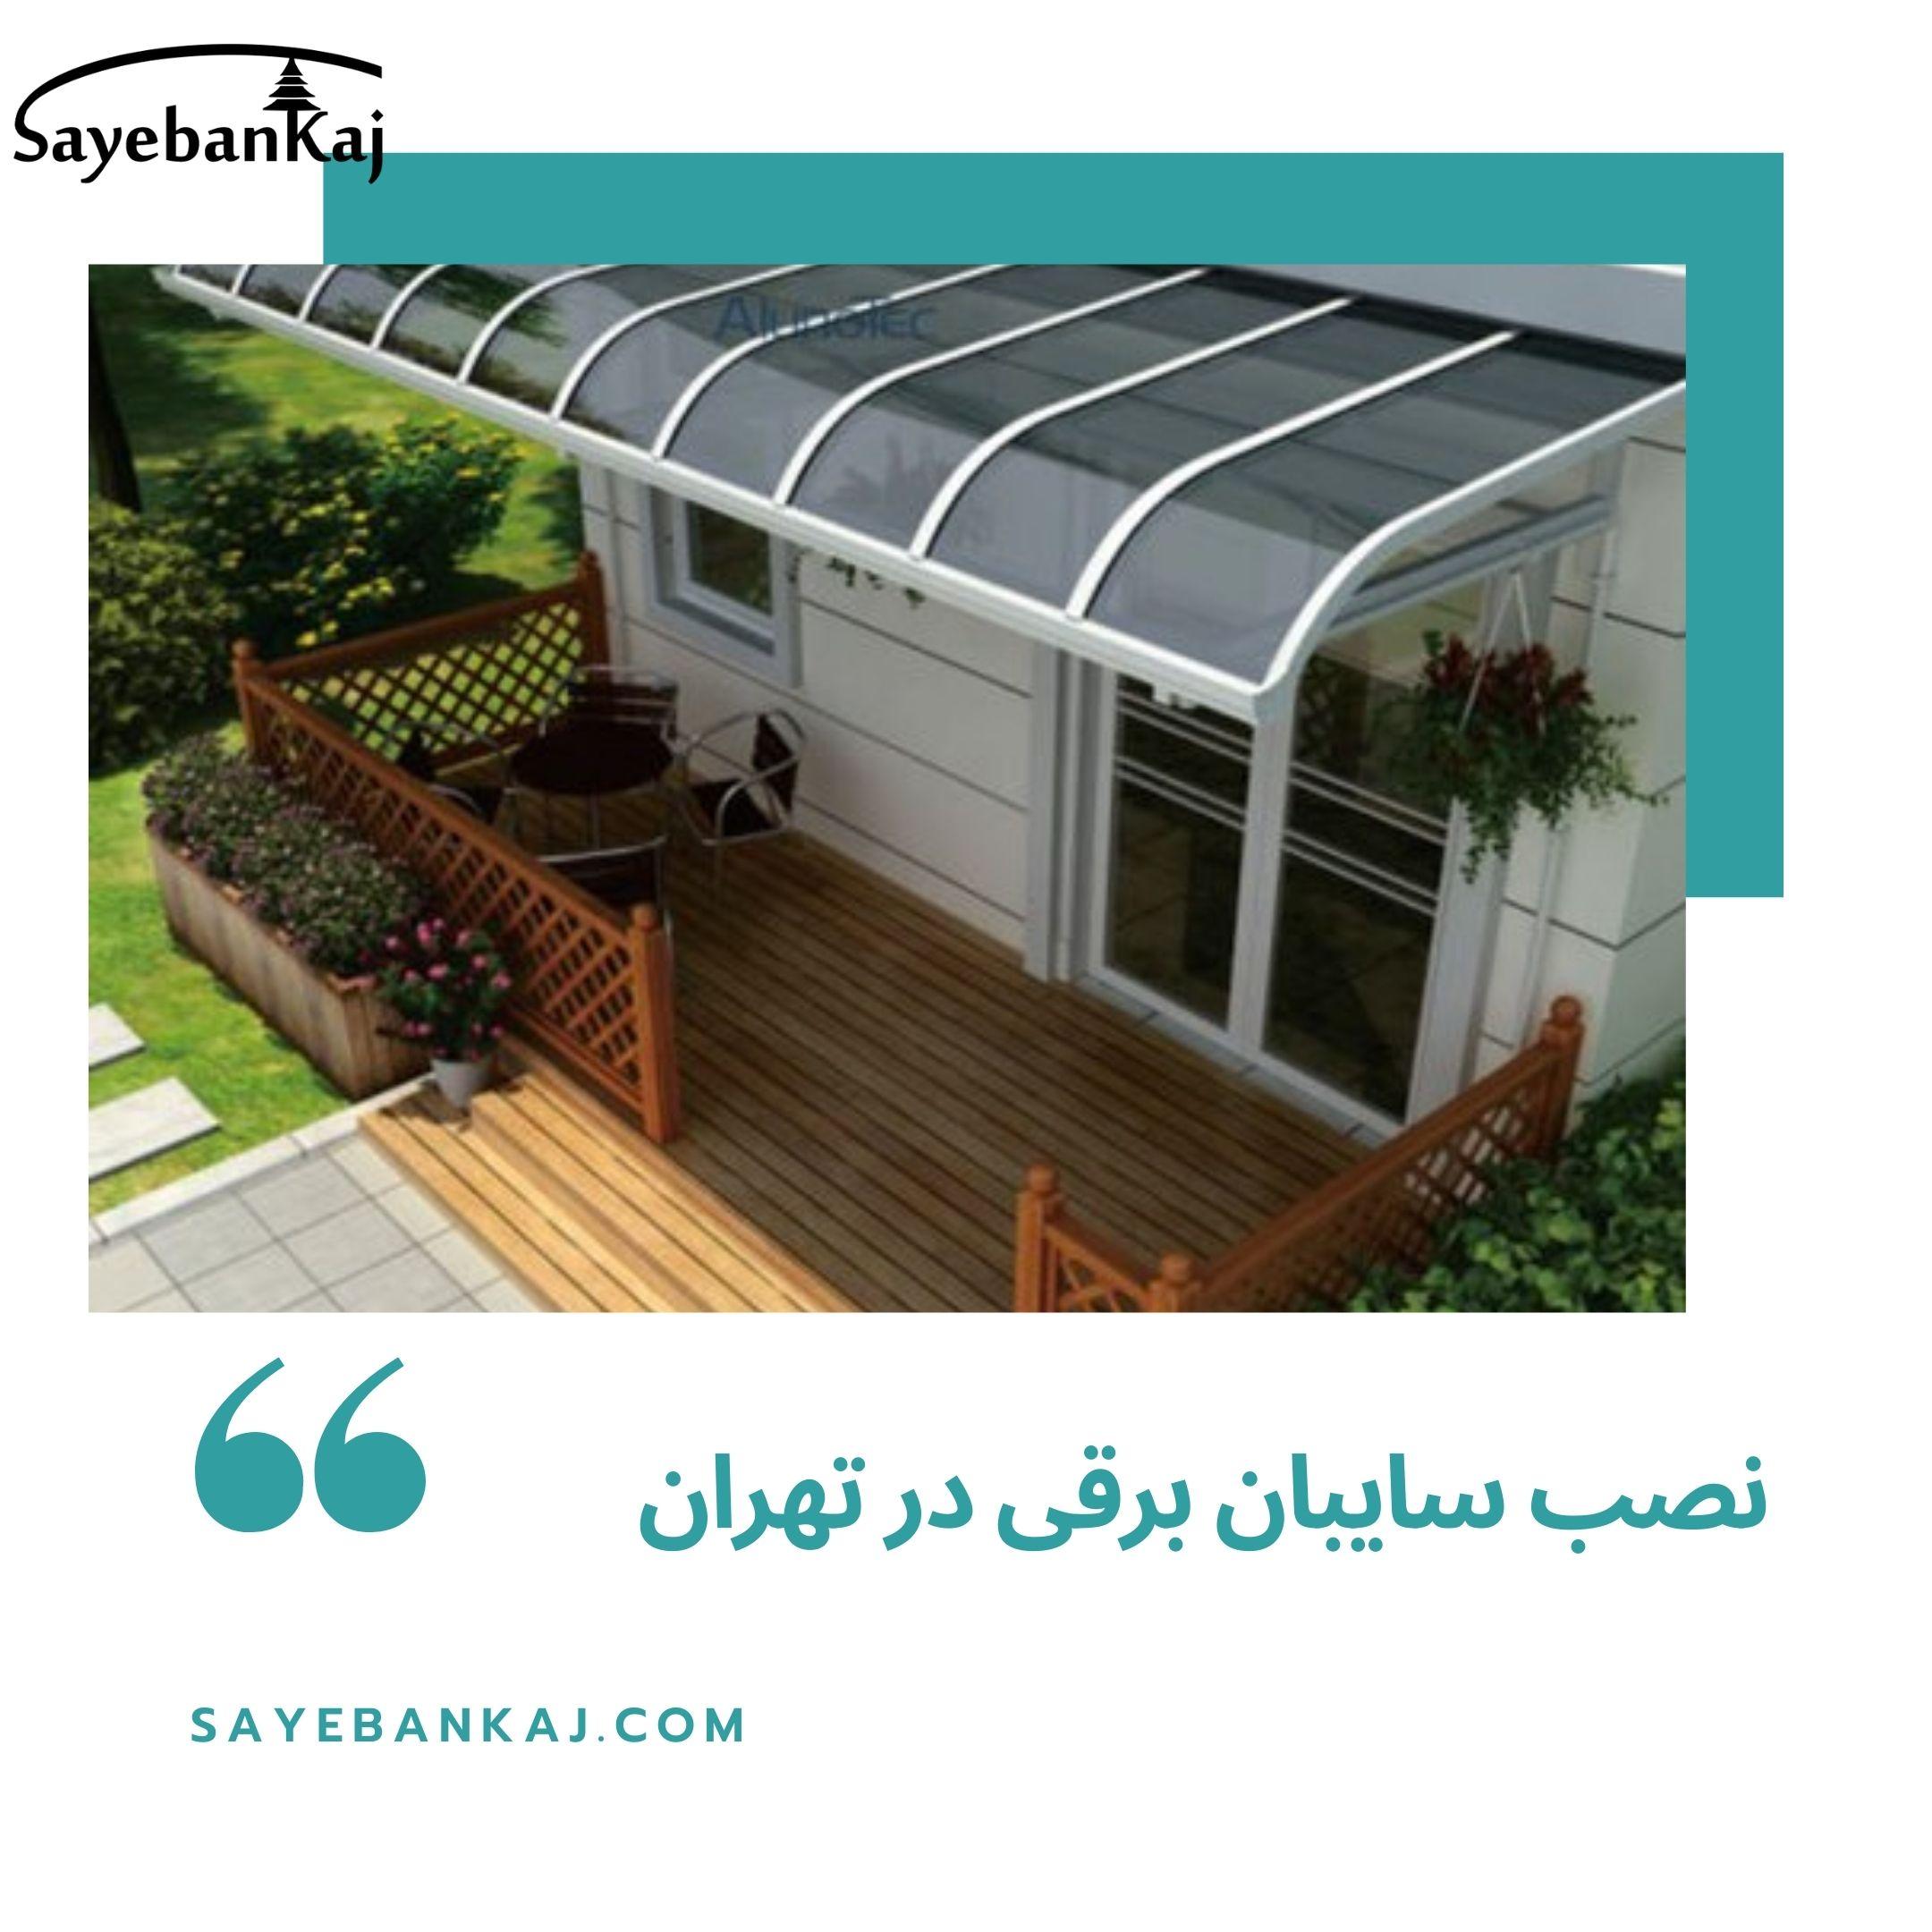 نصب سایبان برقی در تهران | قیمت سایبان برقی در تهران | تولید و نصب سایبان برقی در تهران